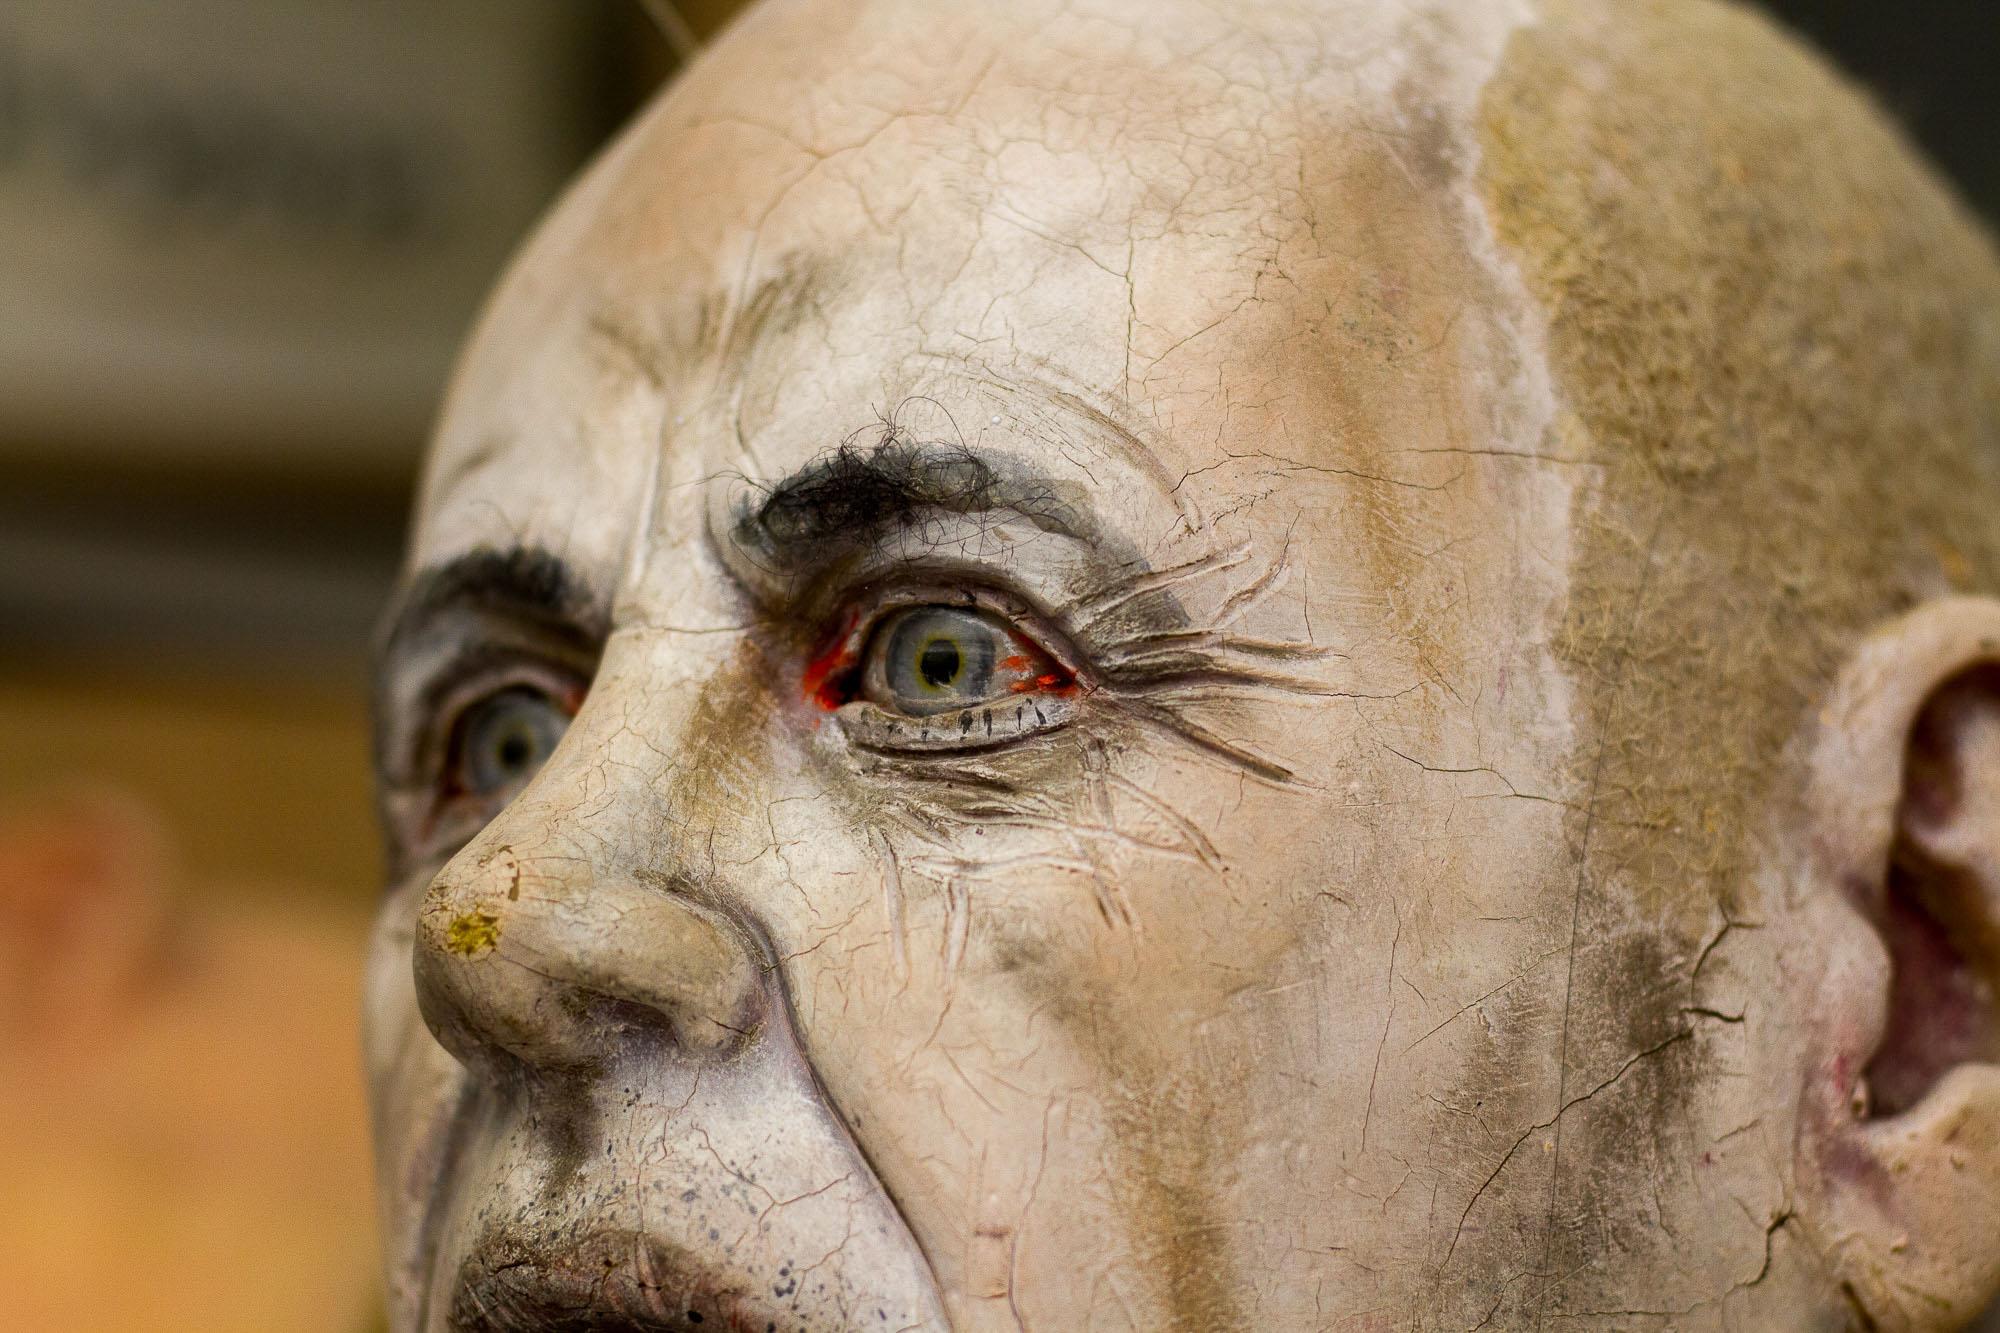 sonjahwolf / Rote Augen